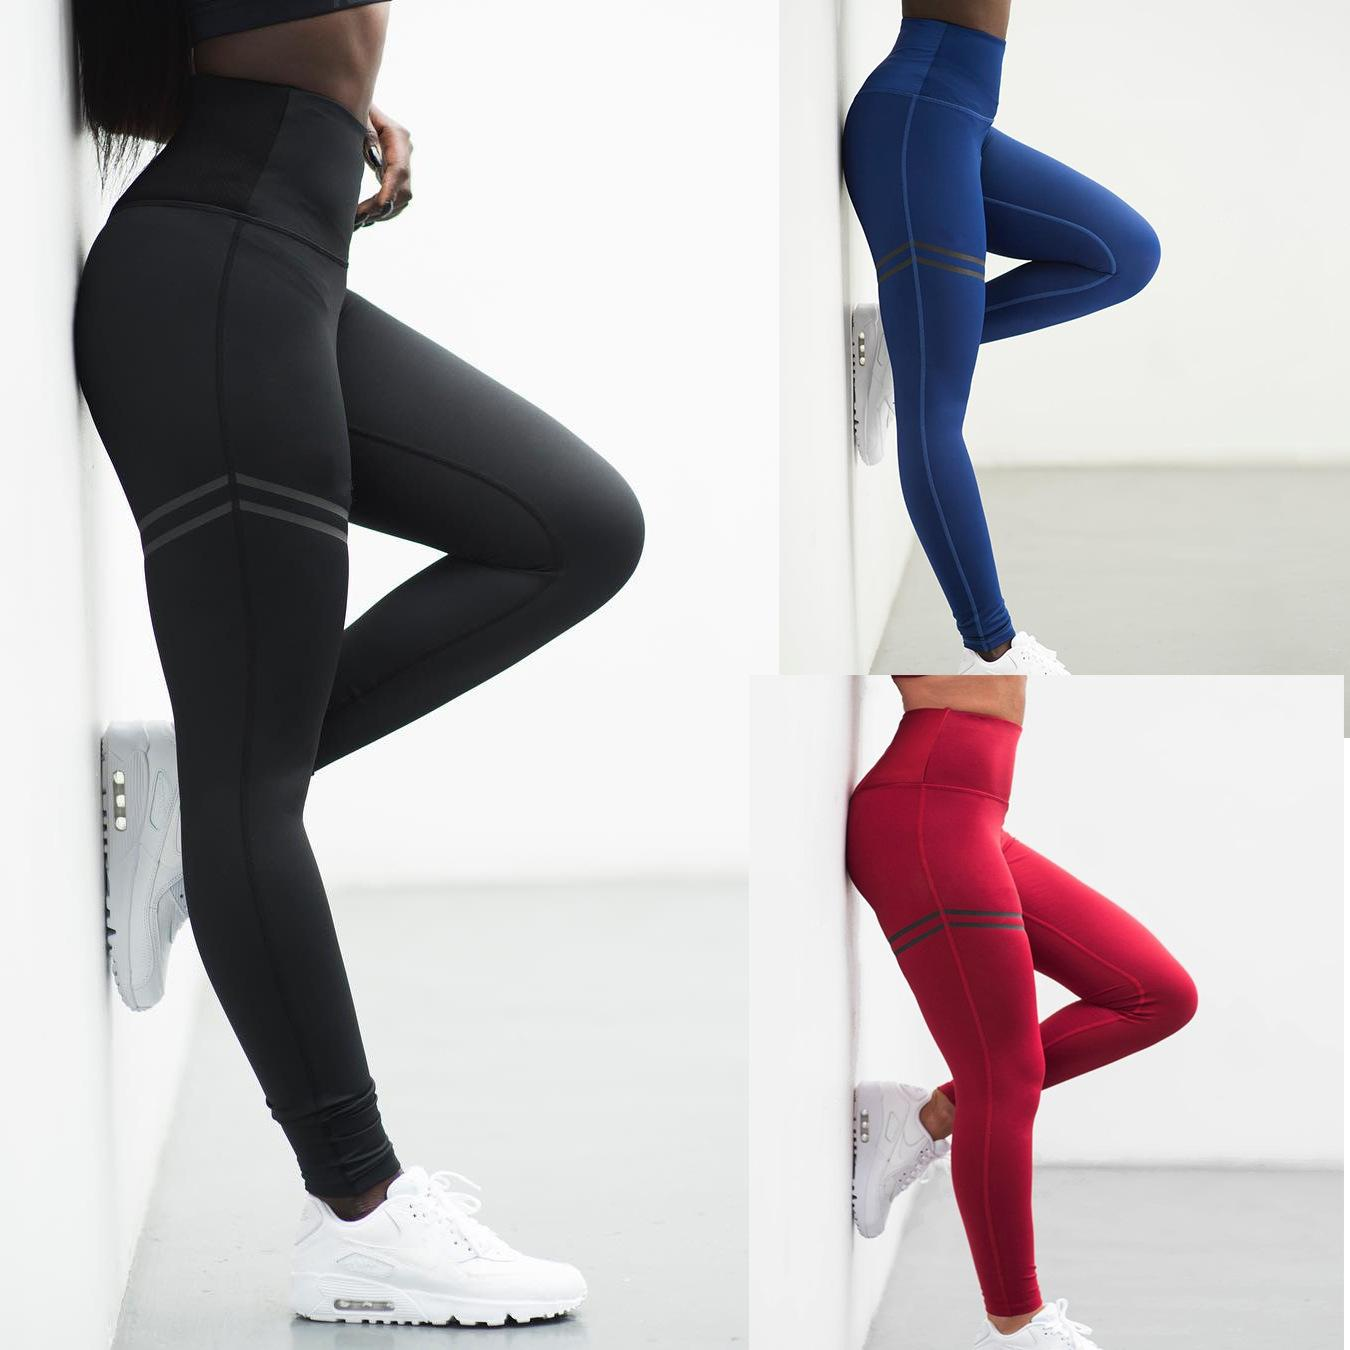 المرأة عادية وصول جديد ملابس رياضية اللباس مخطط سليم مثير للياقة البدنية يغطي الرجل أنثى Athleisure كمال الاجسام الكاحل طول السراويل